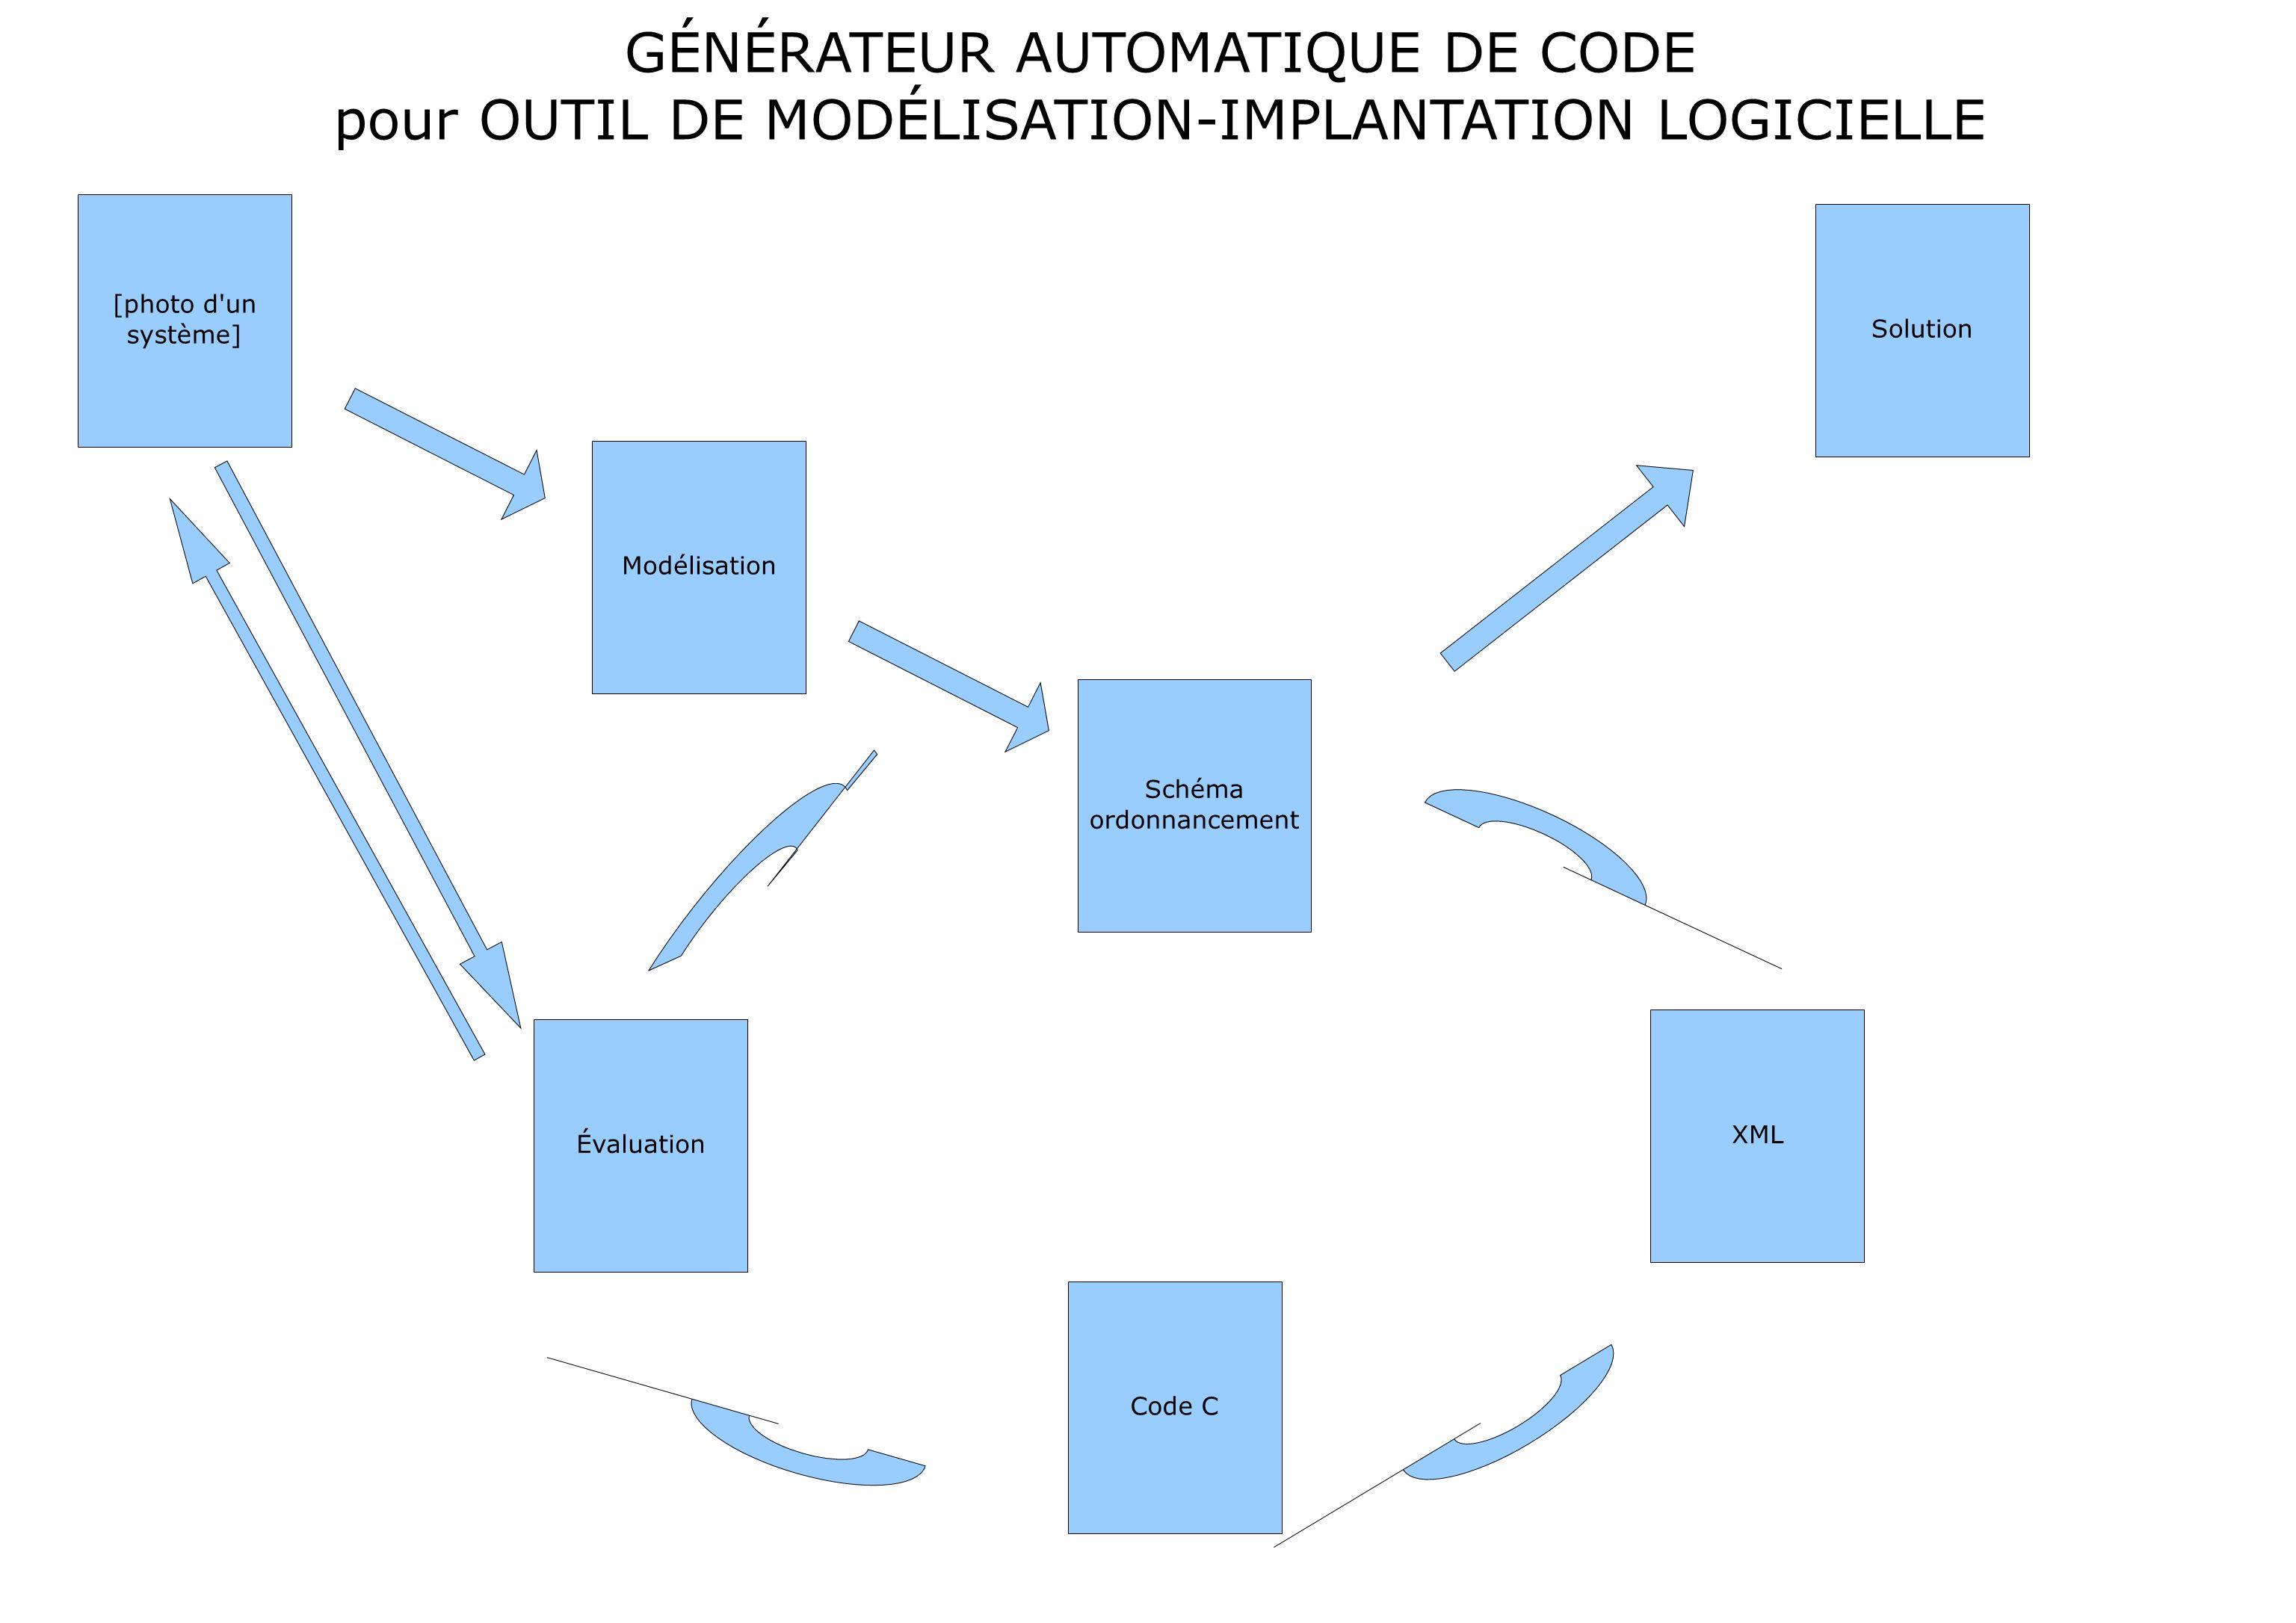 [photo d un système] Schéma ordonnancement XML Évaluation Code C Modélisation Solution GÉNÉRATEUR AUTOMATIQUE DE CODE pour OUTIL DE MODÉLISATION-IMPLANTATION LOGICIELLE